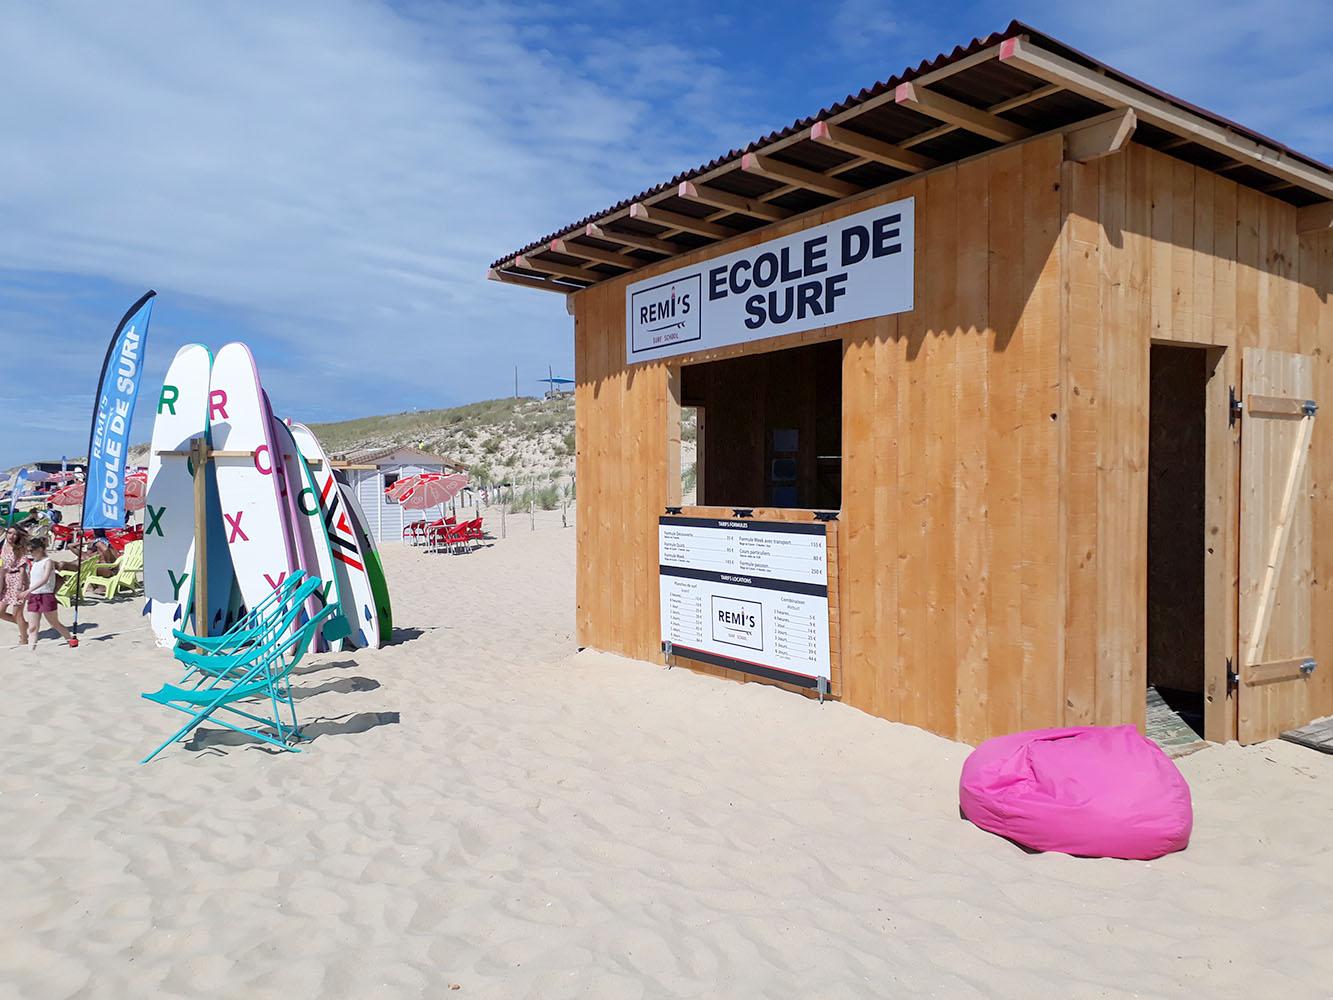 Ecole de Surf Cap Ferret Remi's Surf School